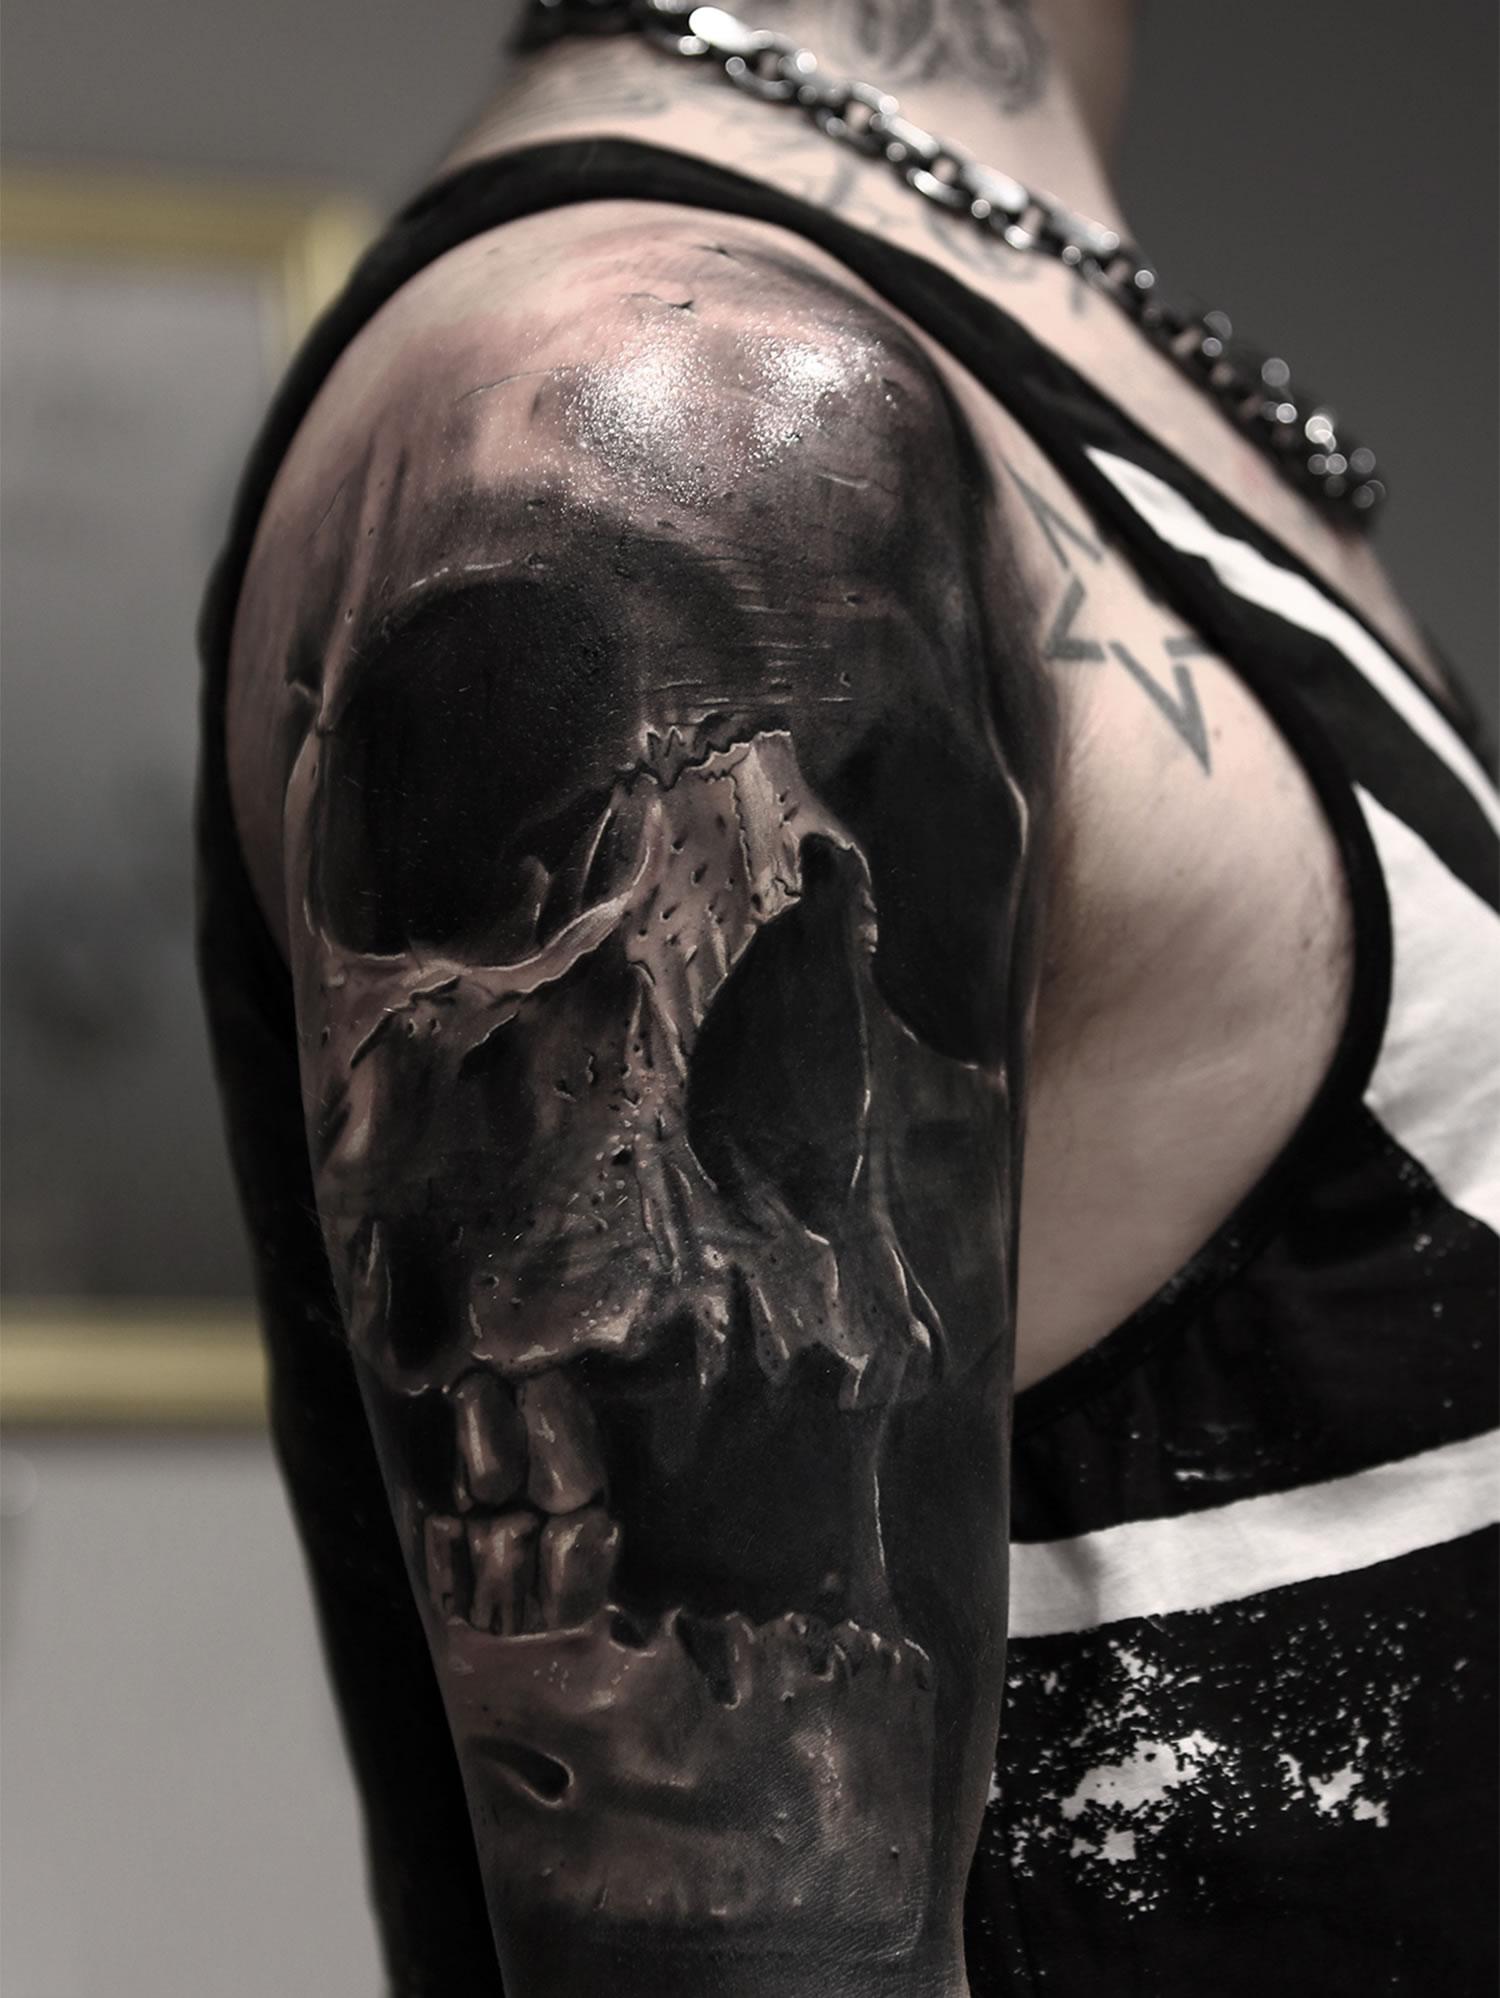 Black Skull Tattoo On Upper Full Arm For Men